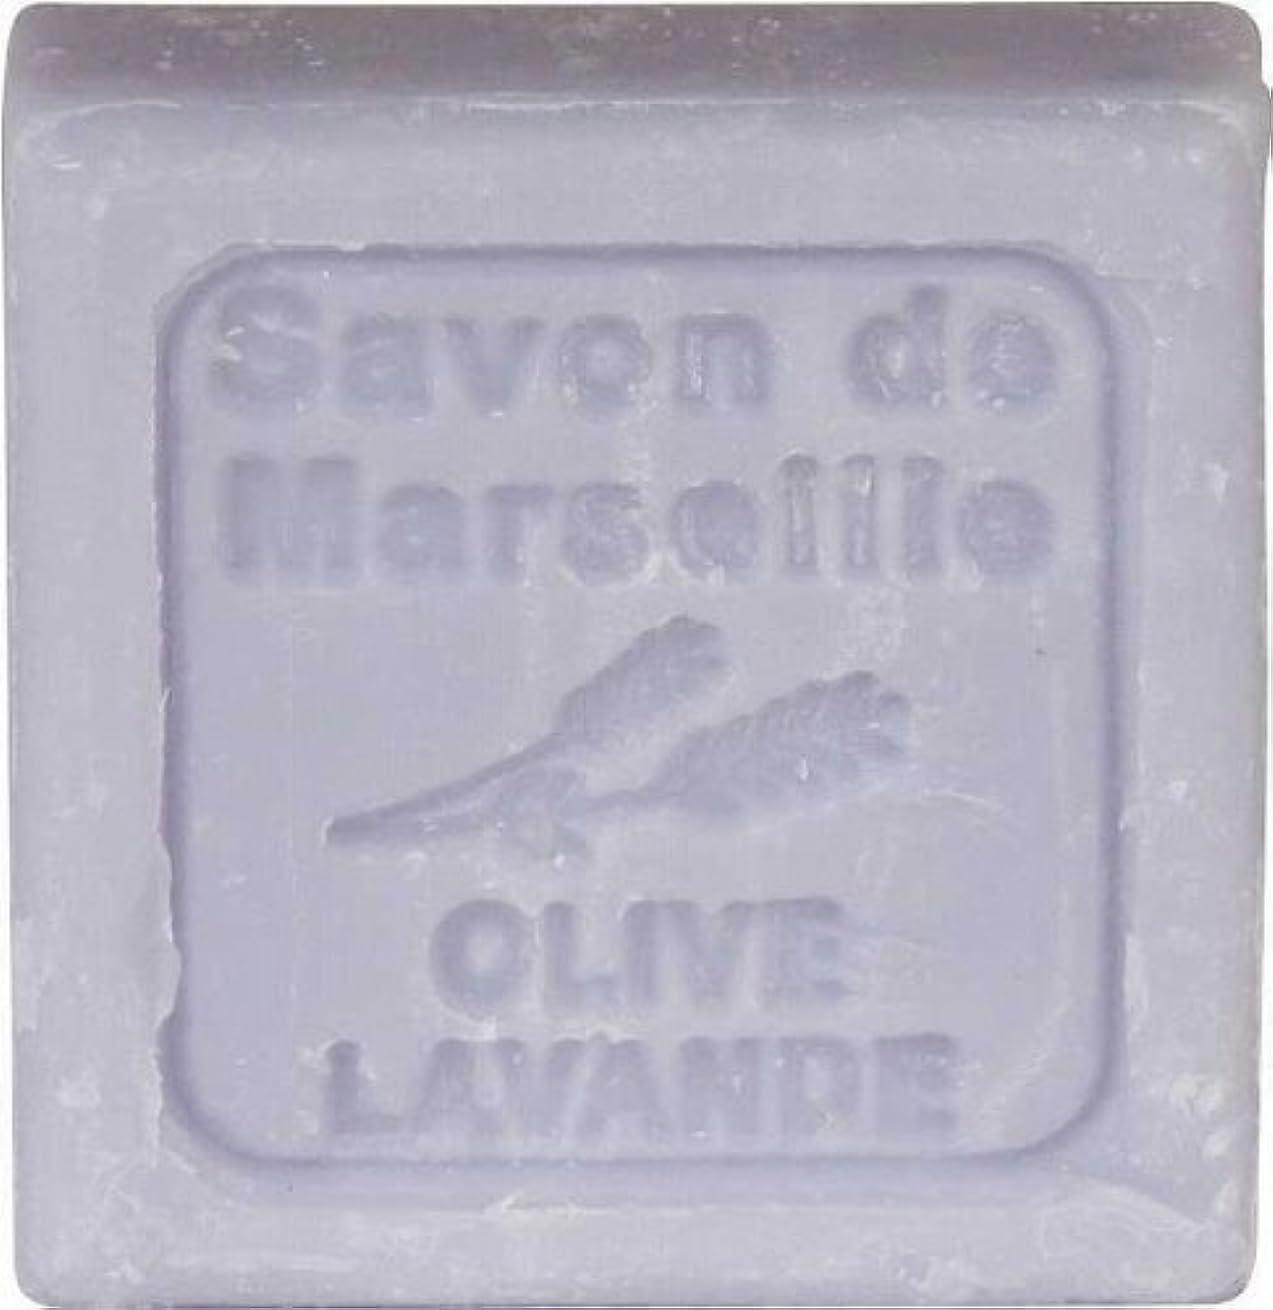 ホバート熱意プリーツル?シャトラール ソープ 30g オリーブラベンダー SAVON30